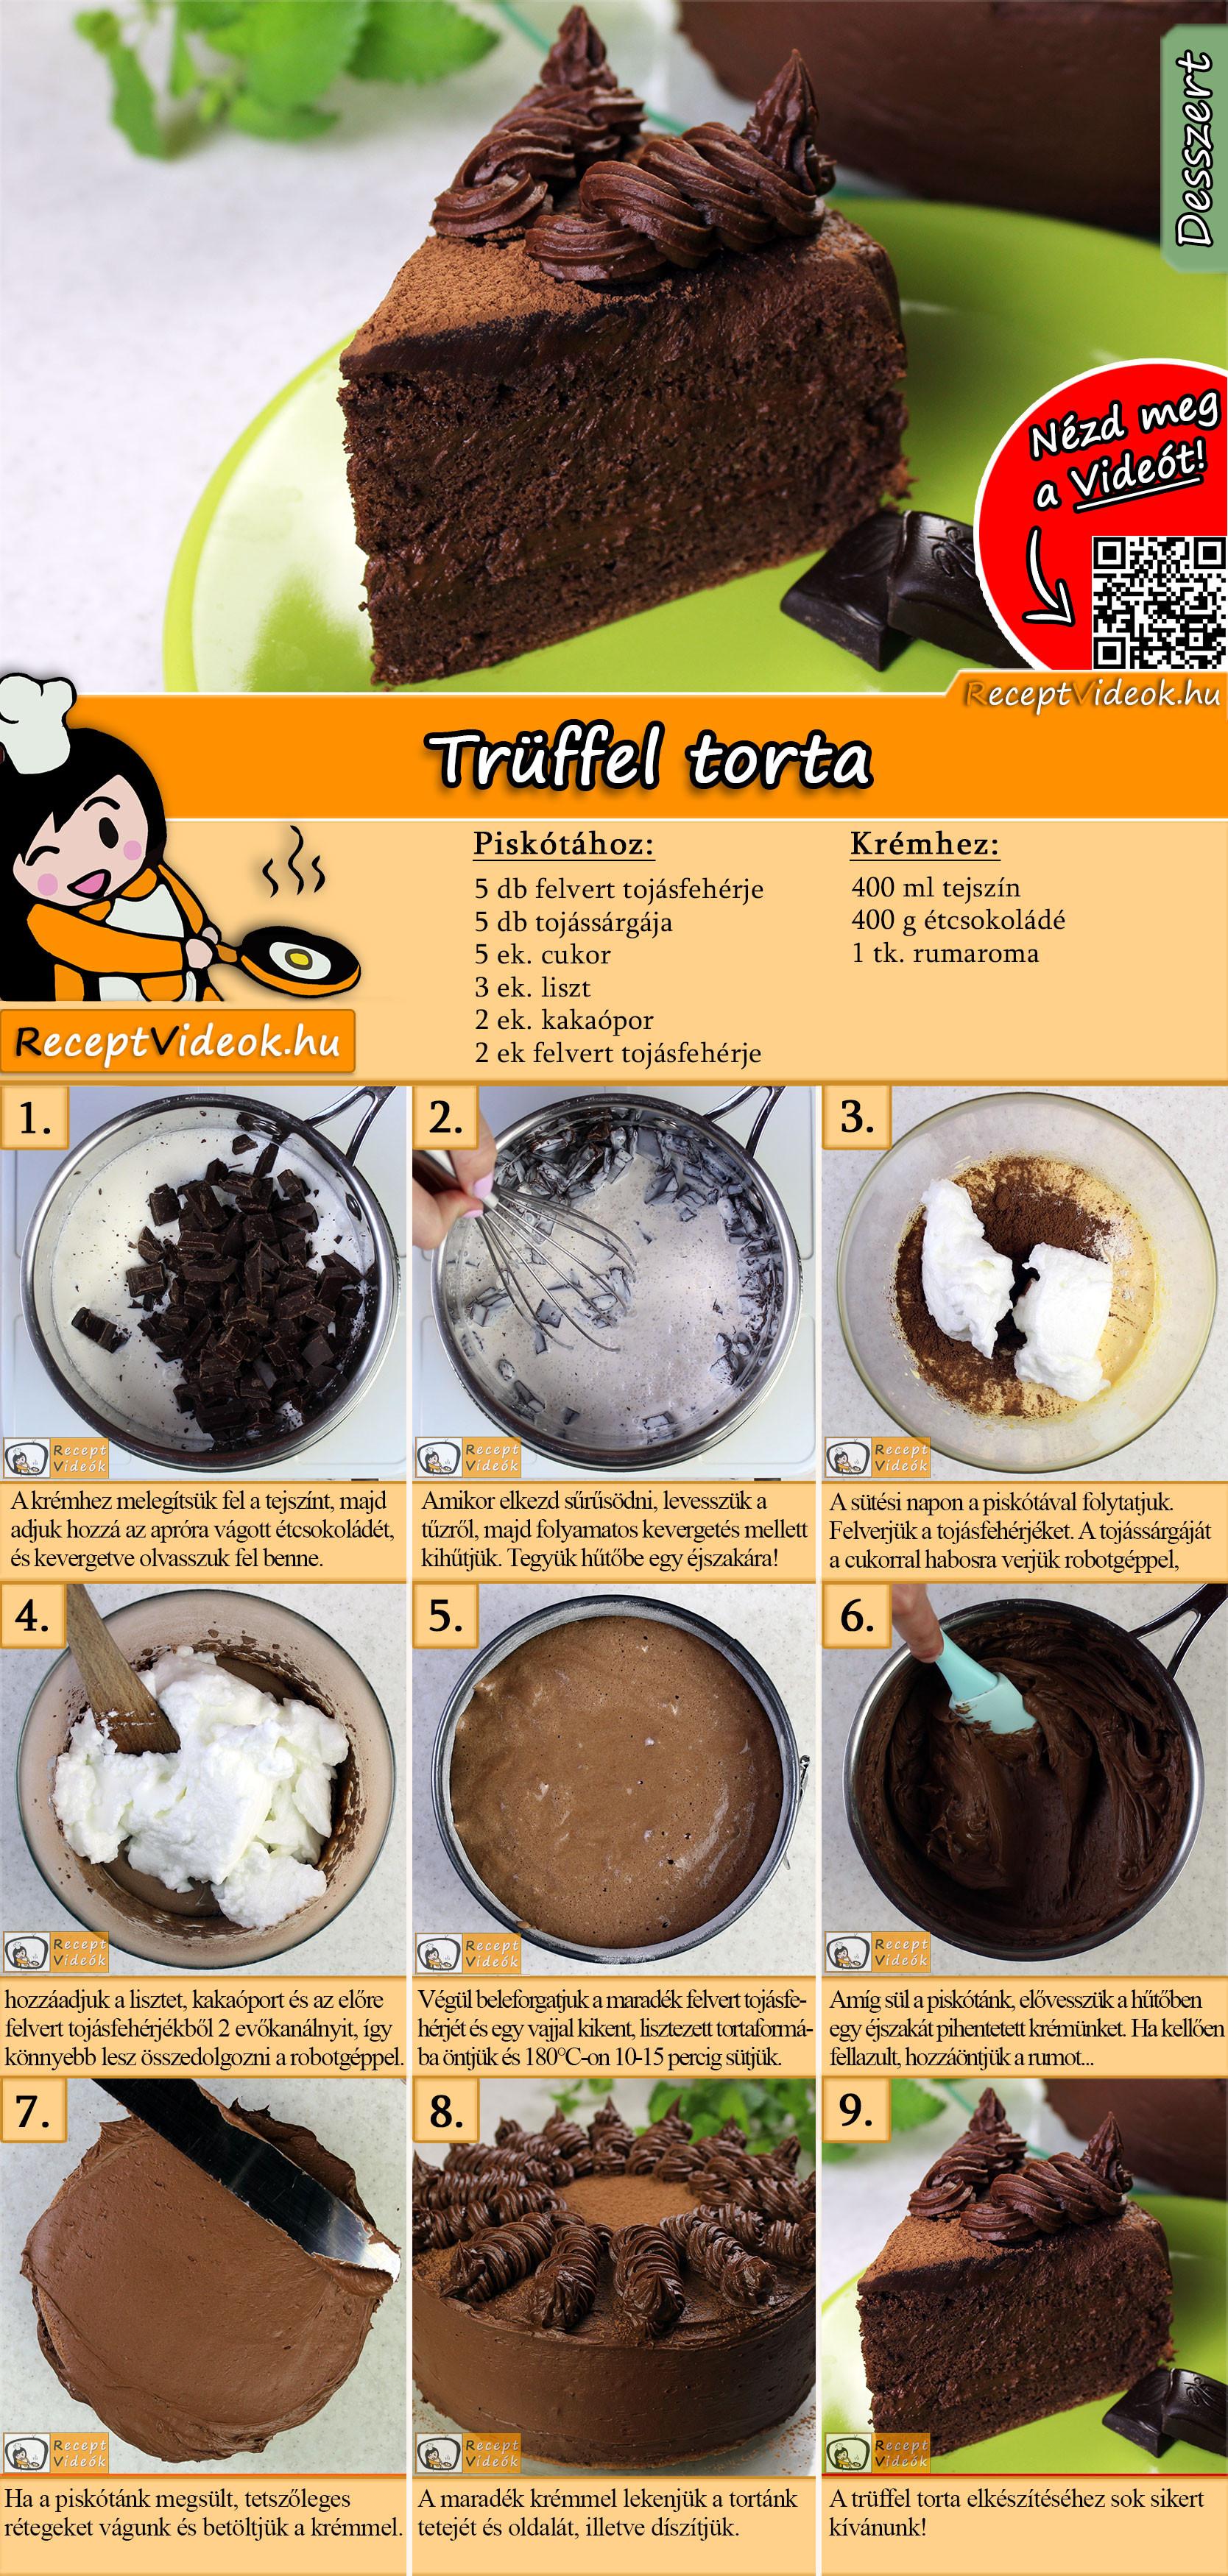 Trüffel torta recept elkészitése videóval